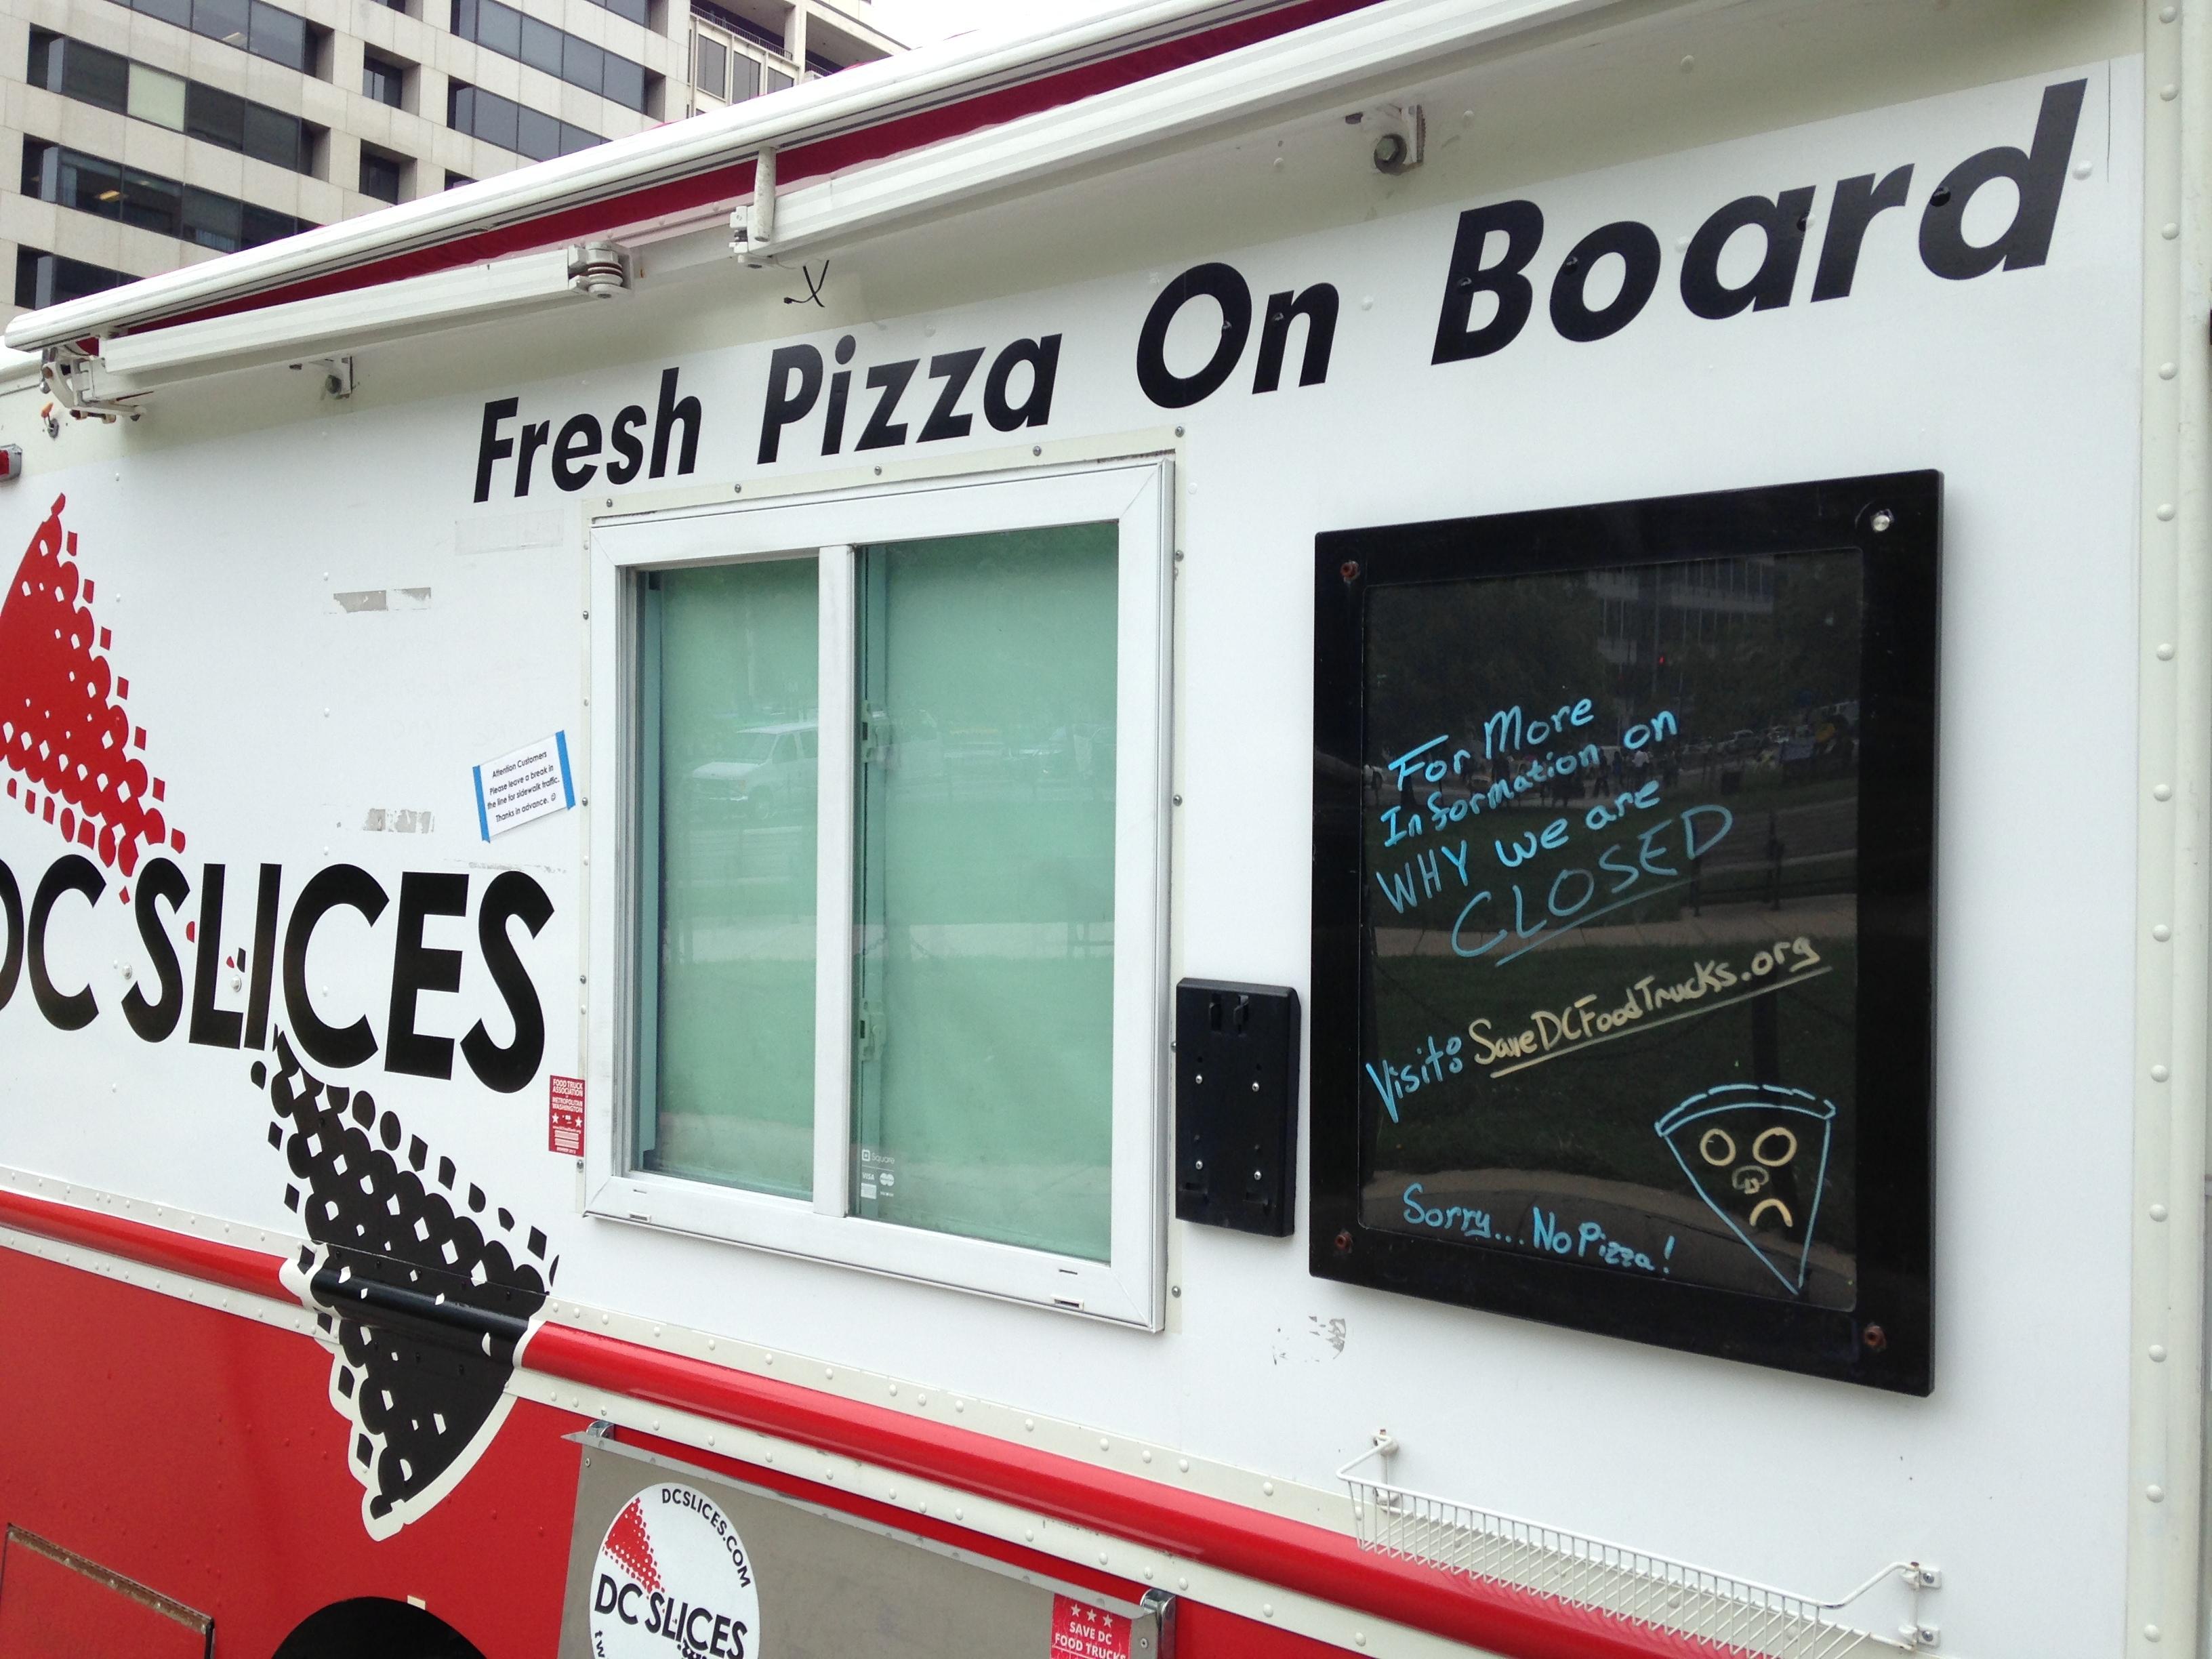 City of Alexandria seeking food truck feedback